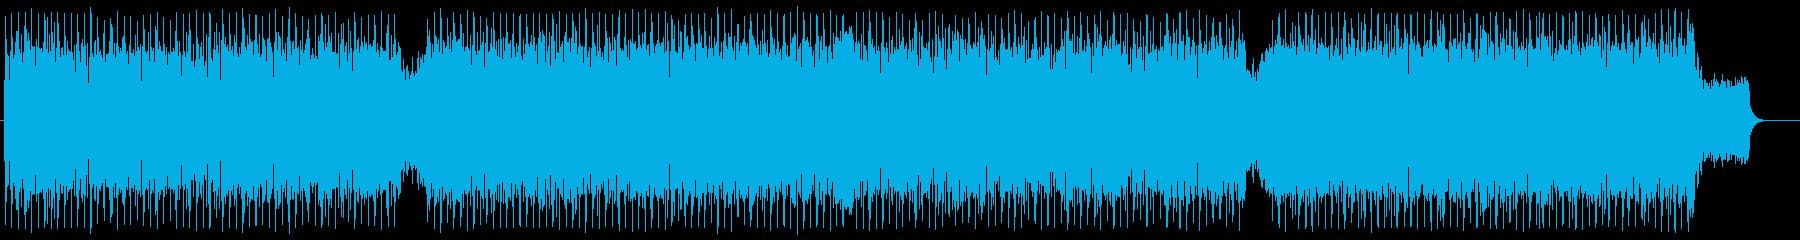 テクノロジー エレクトロ ブリーフィングの再生済みの波形